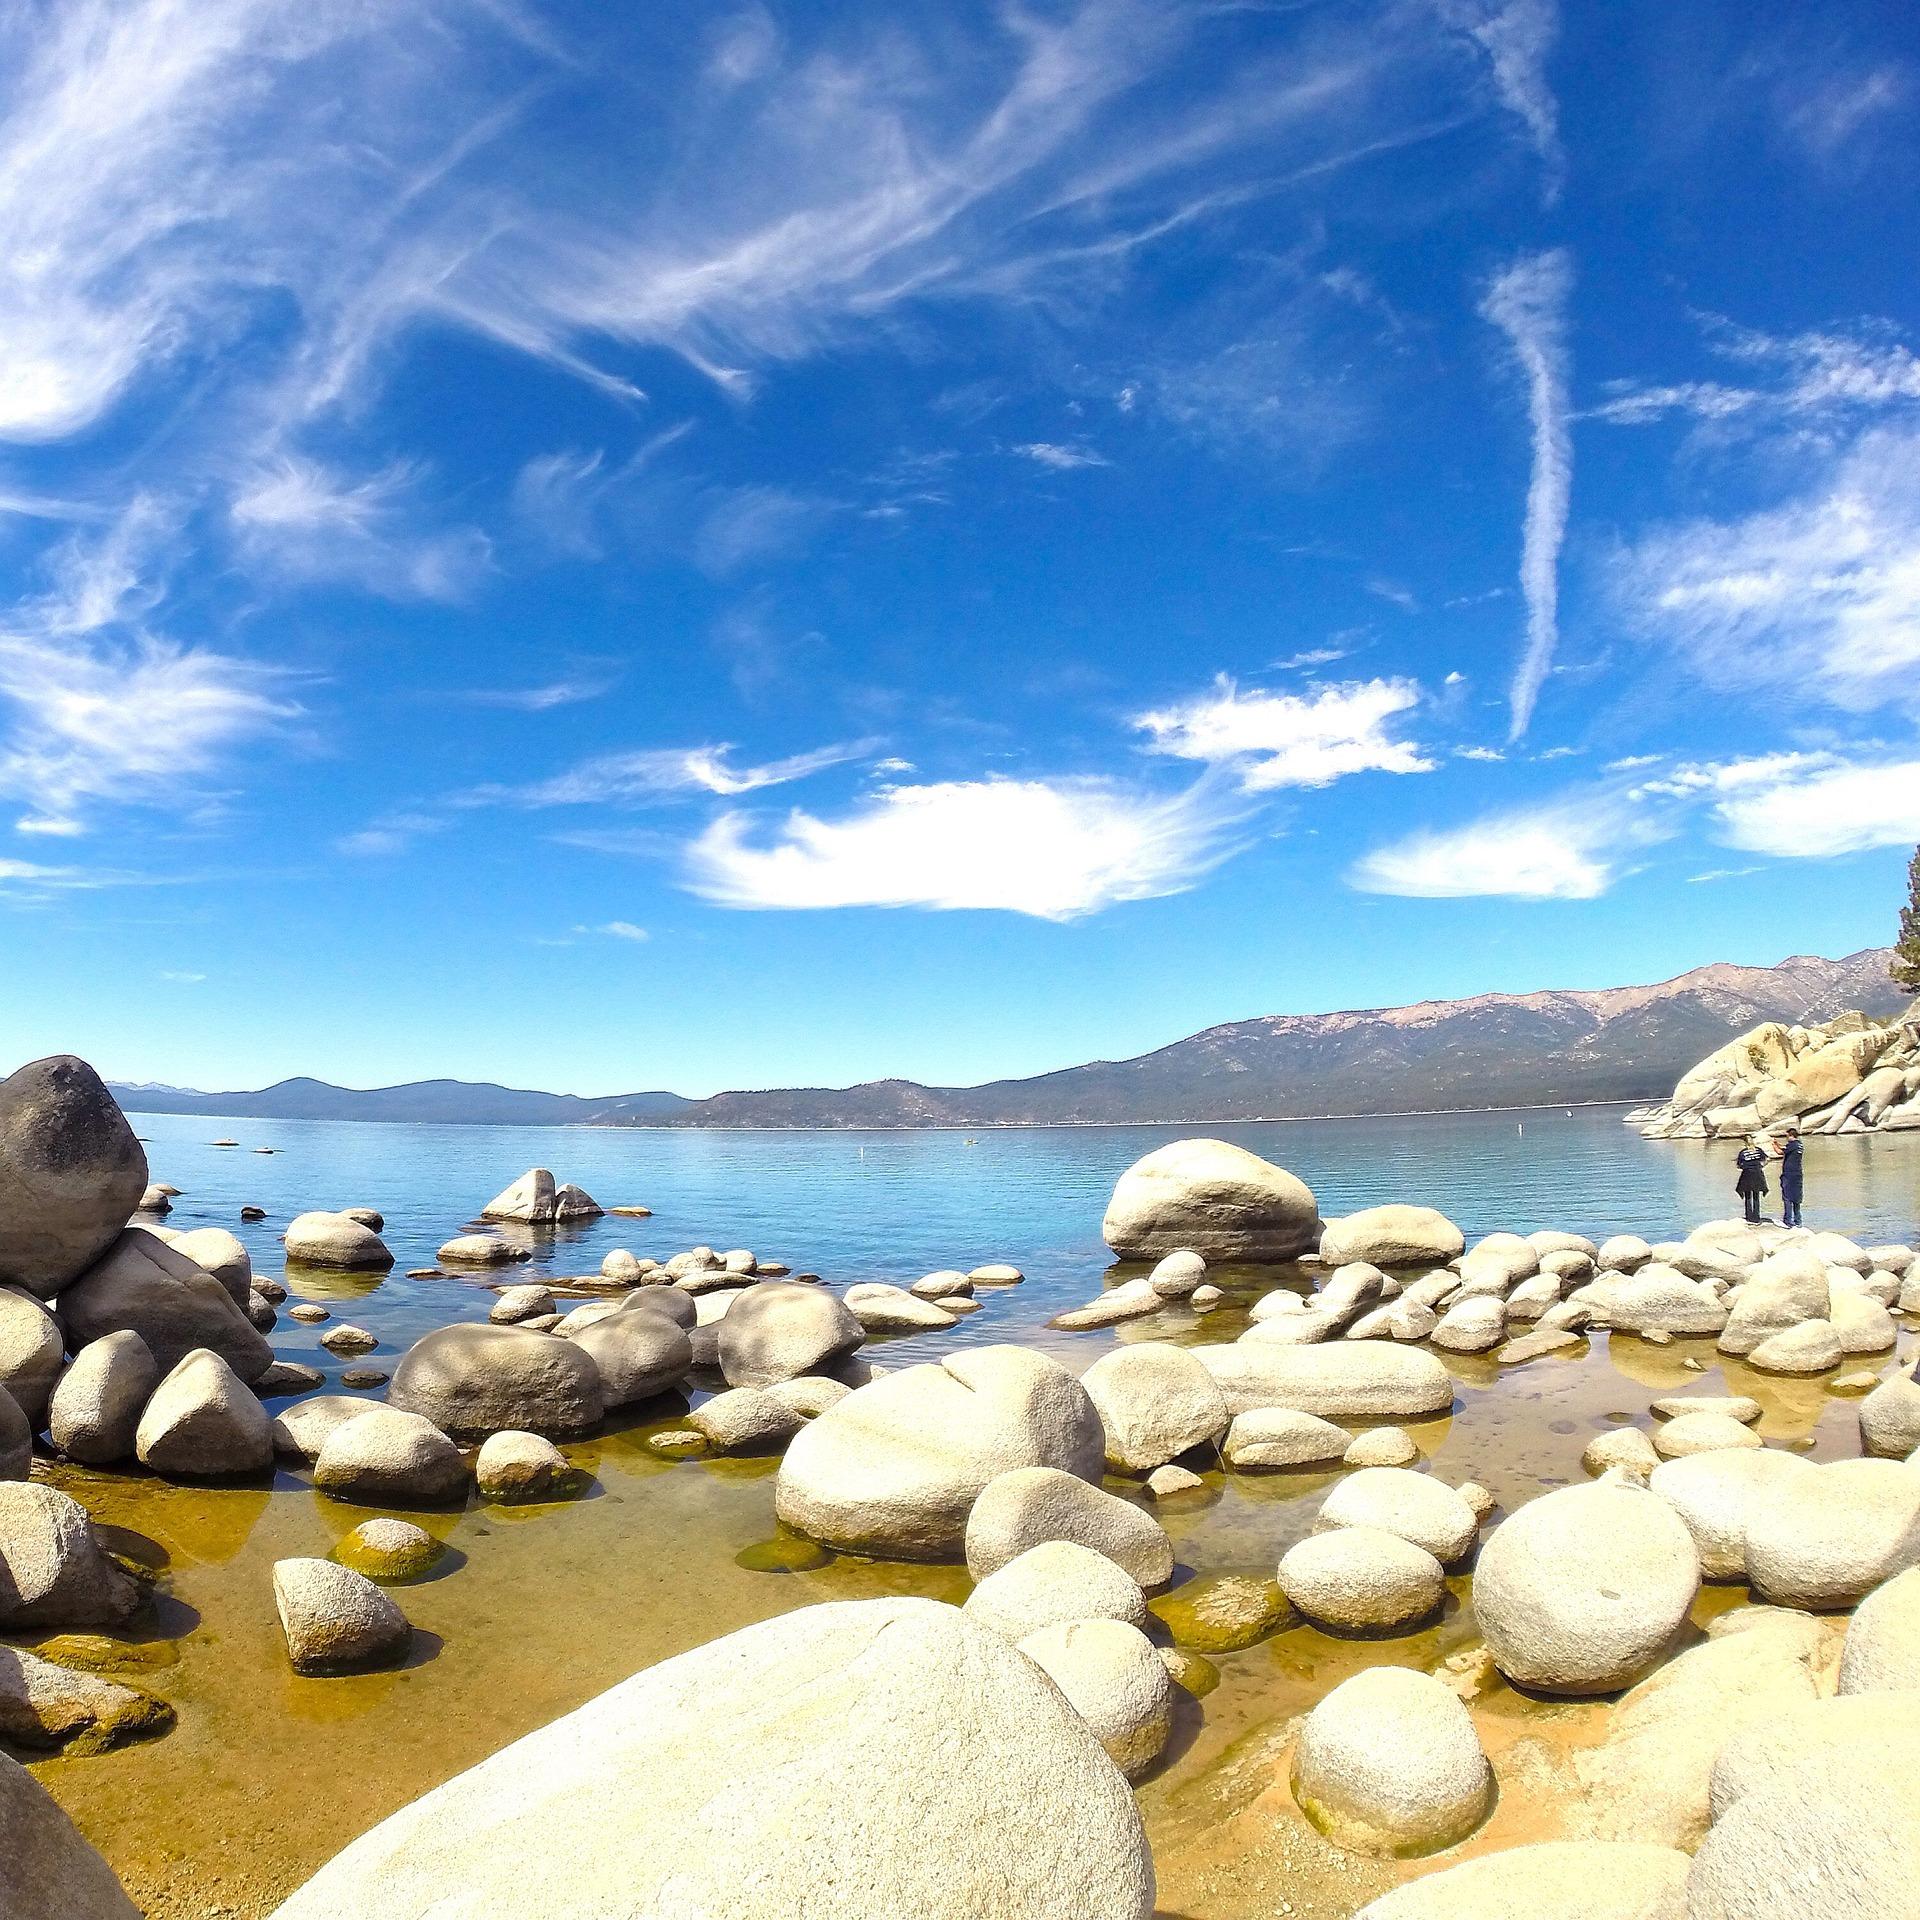 lake-tahoe-1085353_1920.jpg